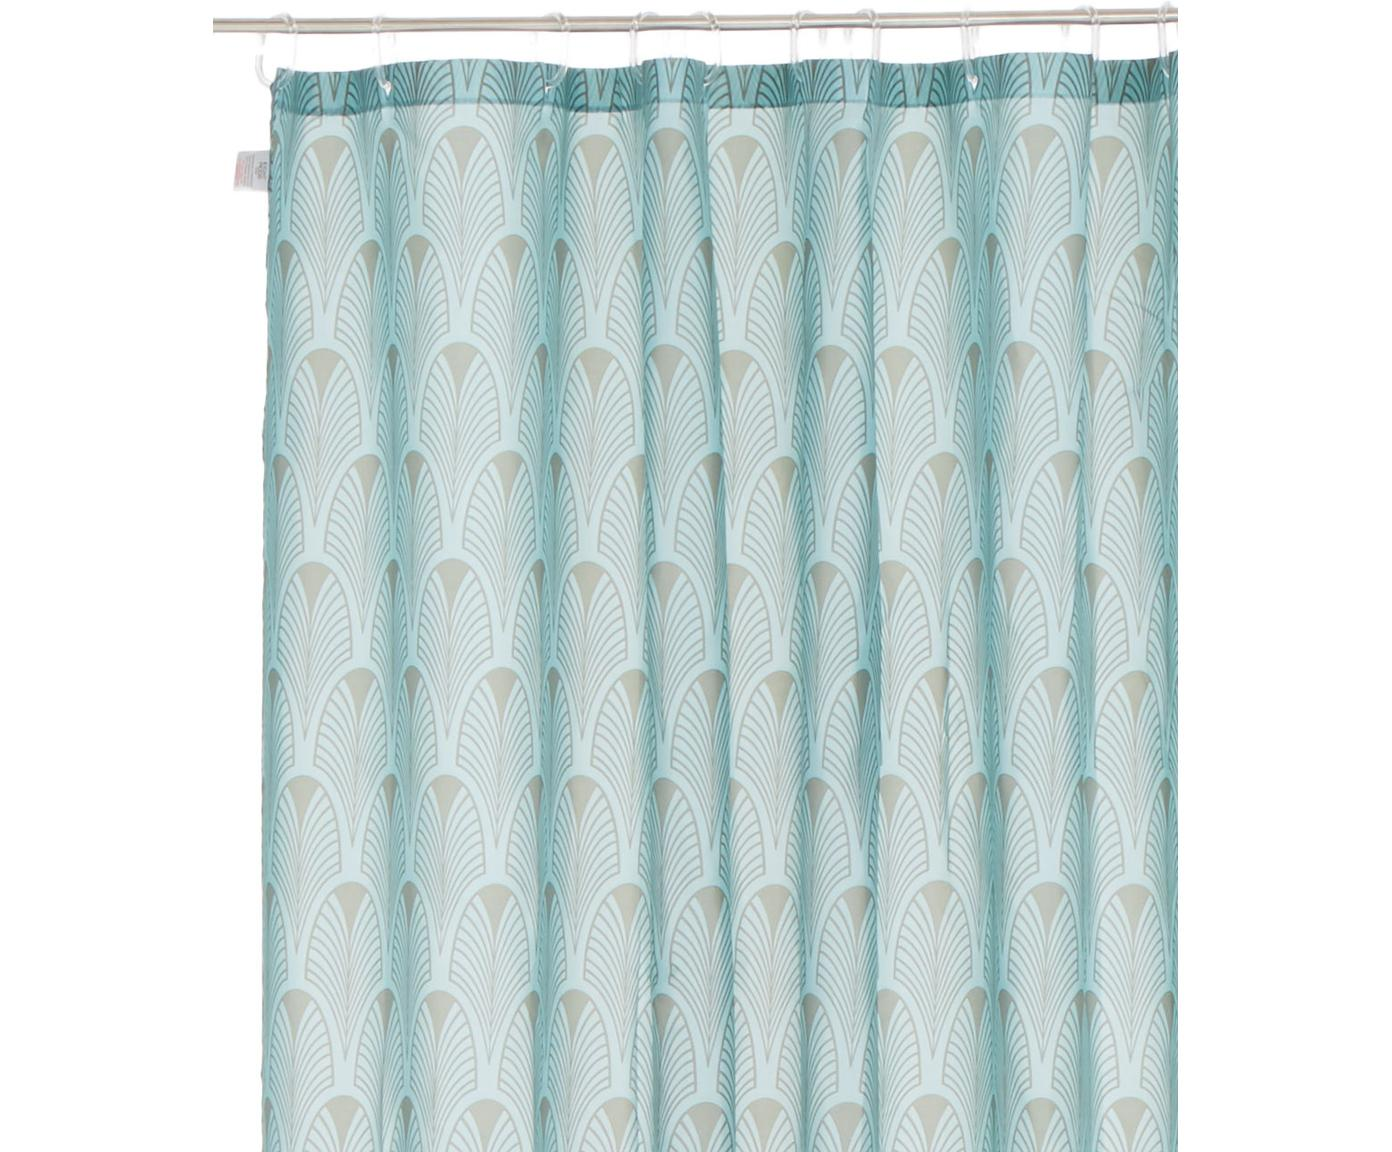 Cortina de baño Ashville, estilo Art Déco, 100%poliéster, con impresión digital Repelente al agua, no impermeable, Azul menta, gris, An 180 x L 200 cm